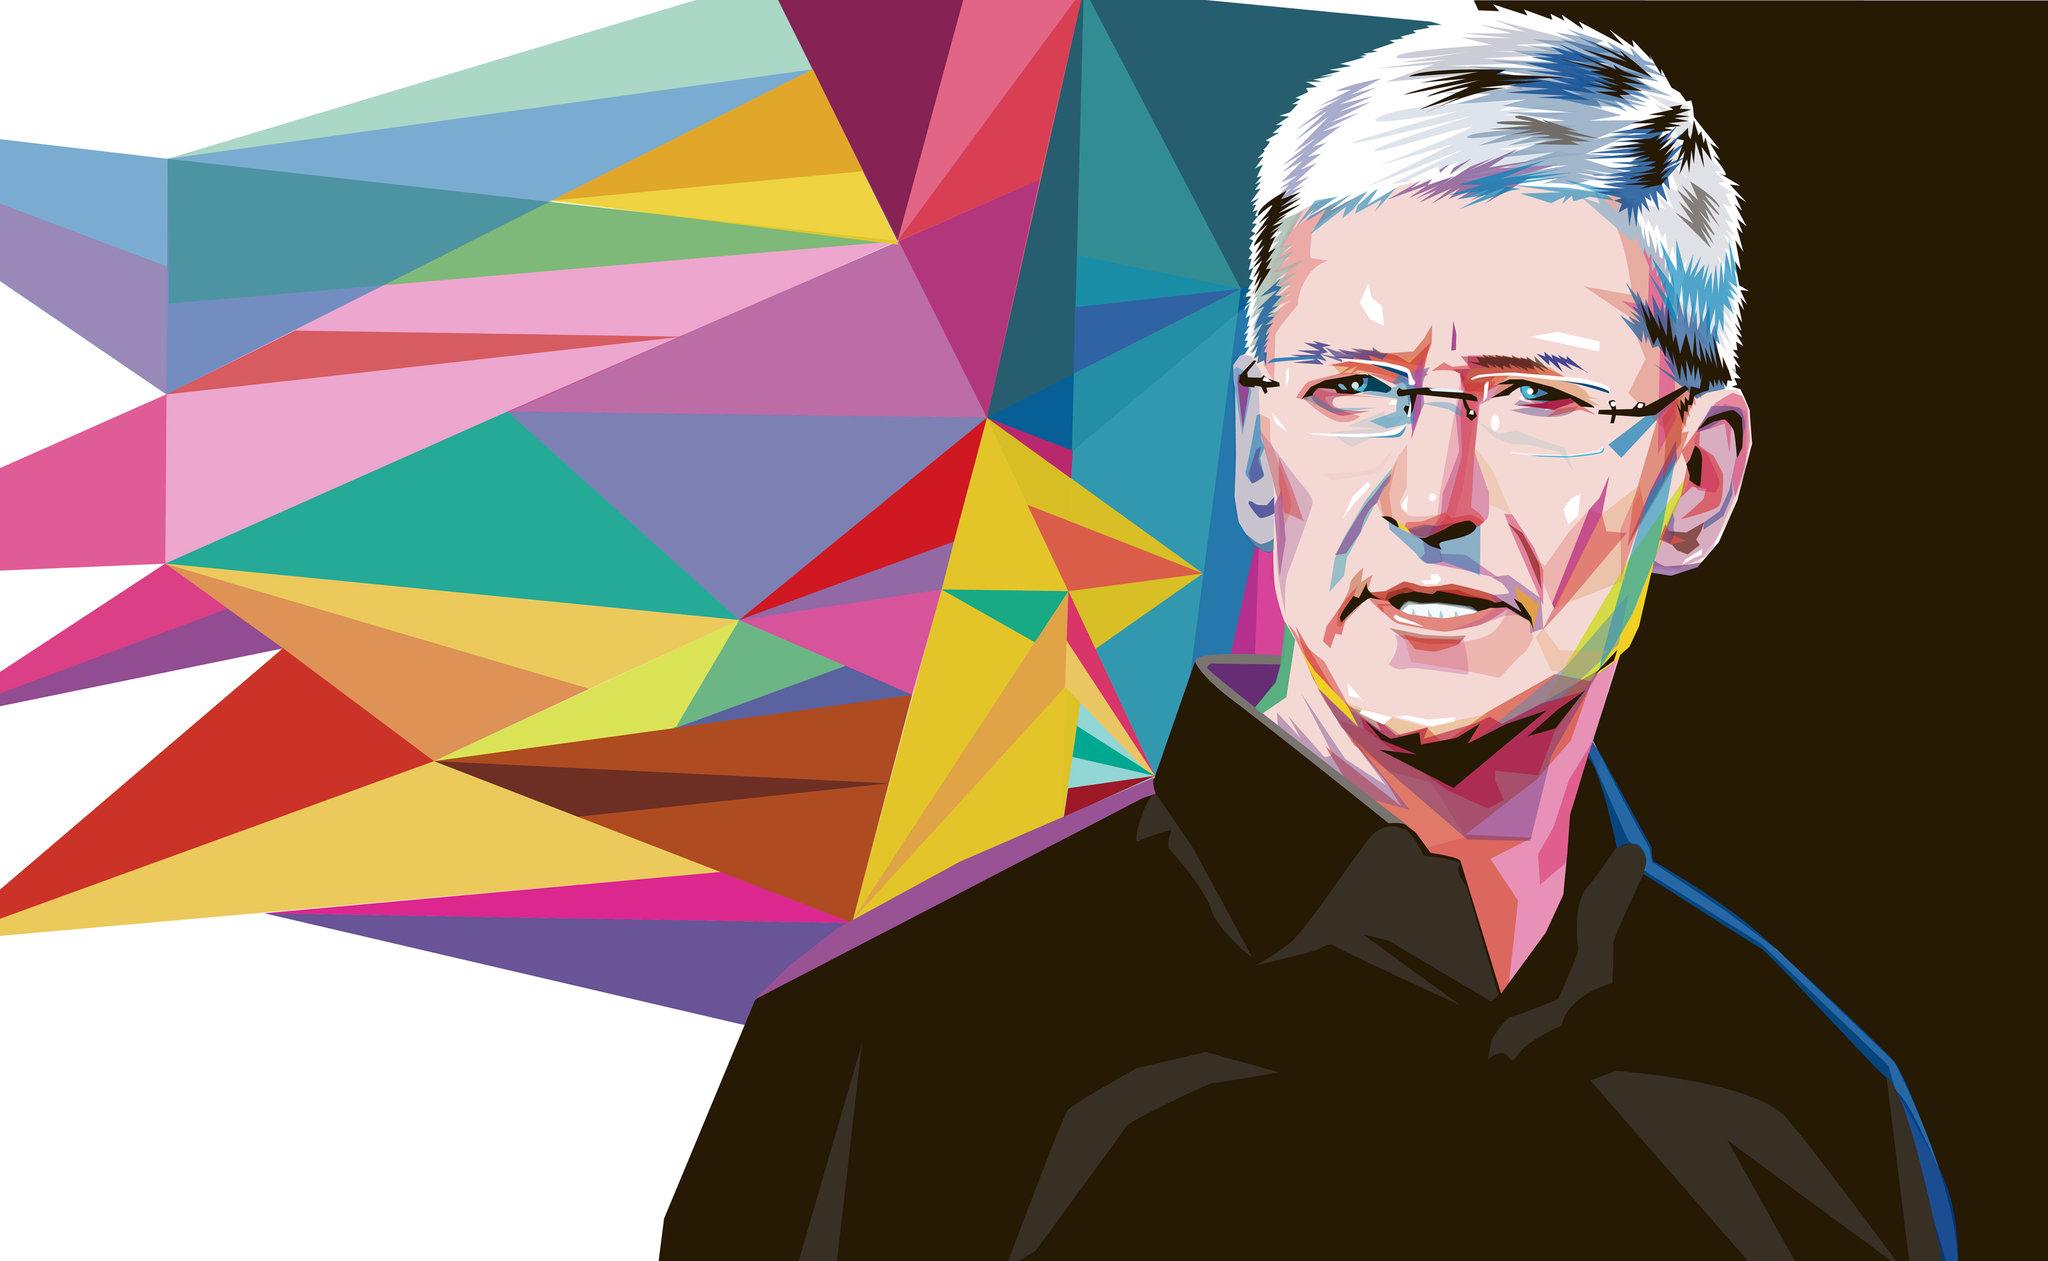 Как Тим Кук меняет Apple: большой материал New York Times